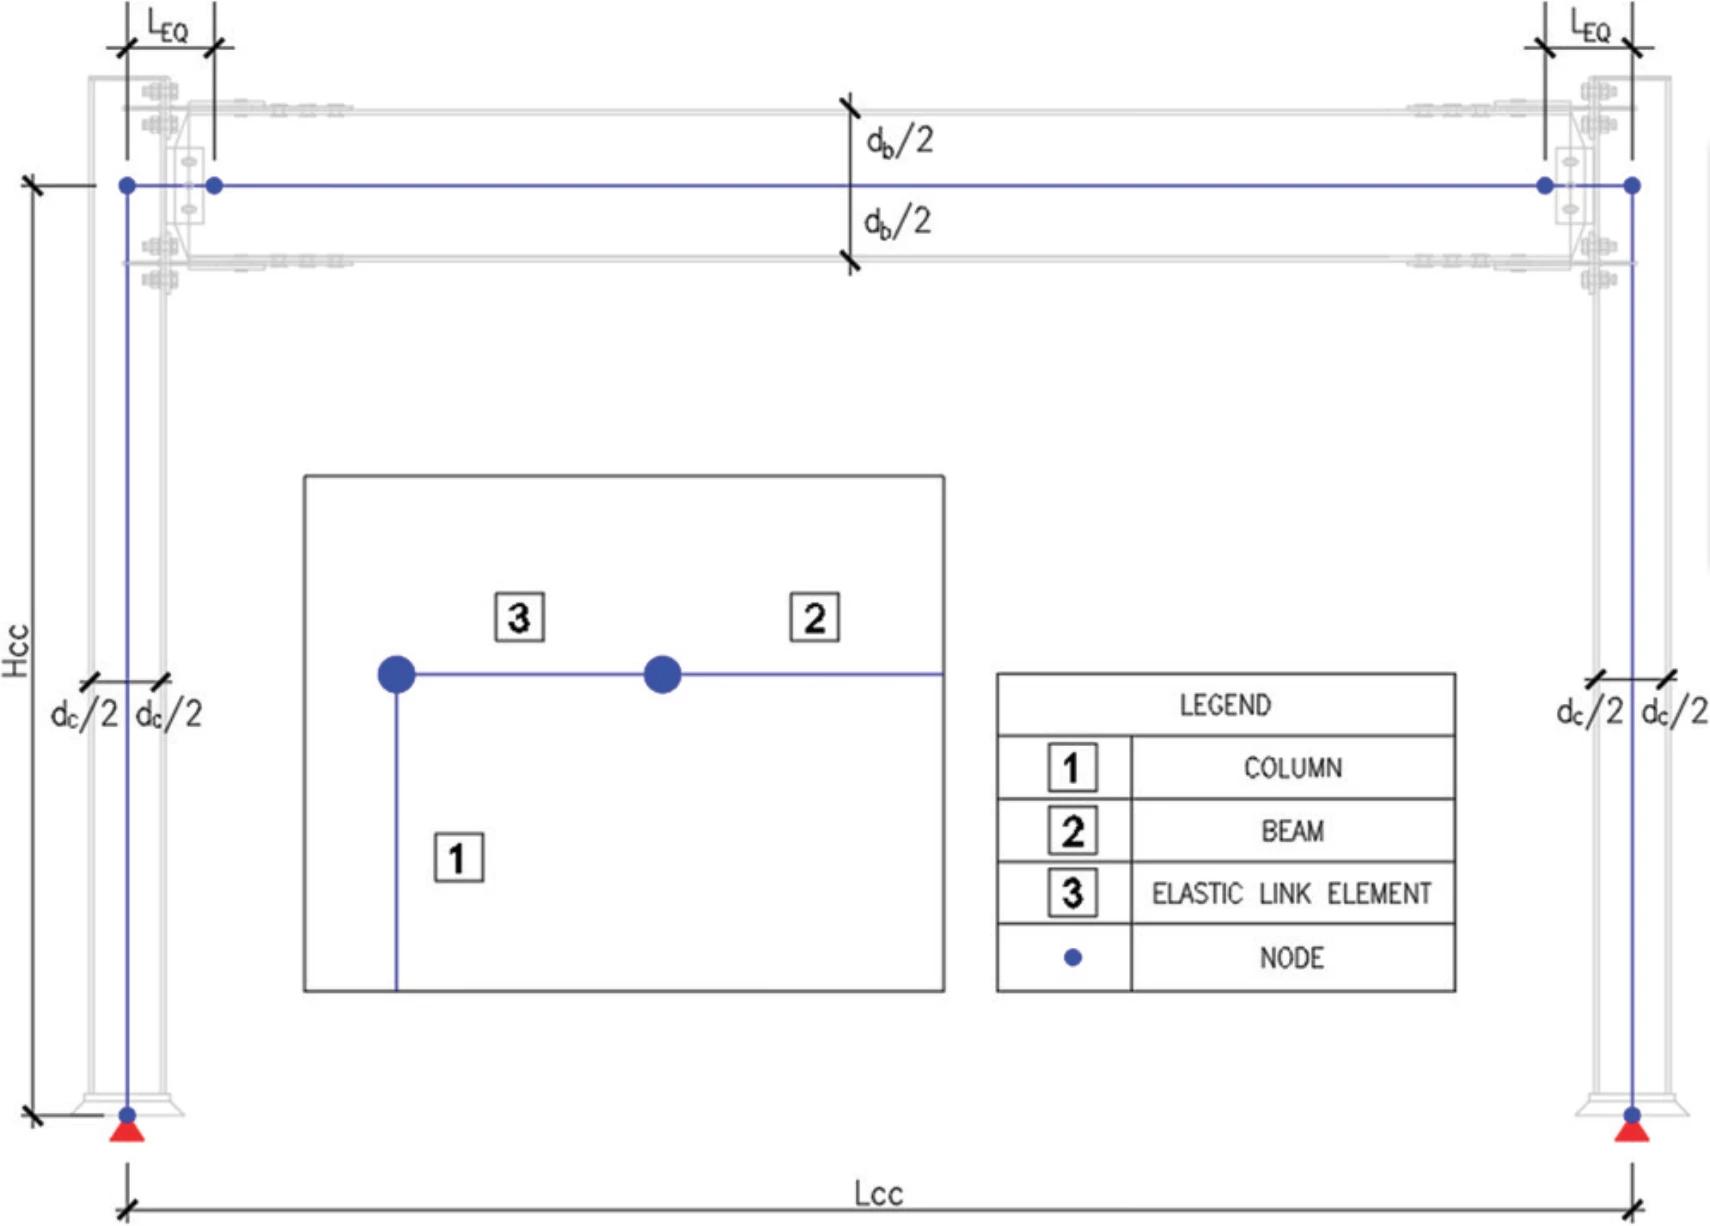 Equivalent Elastic Link Elements